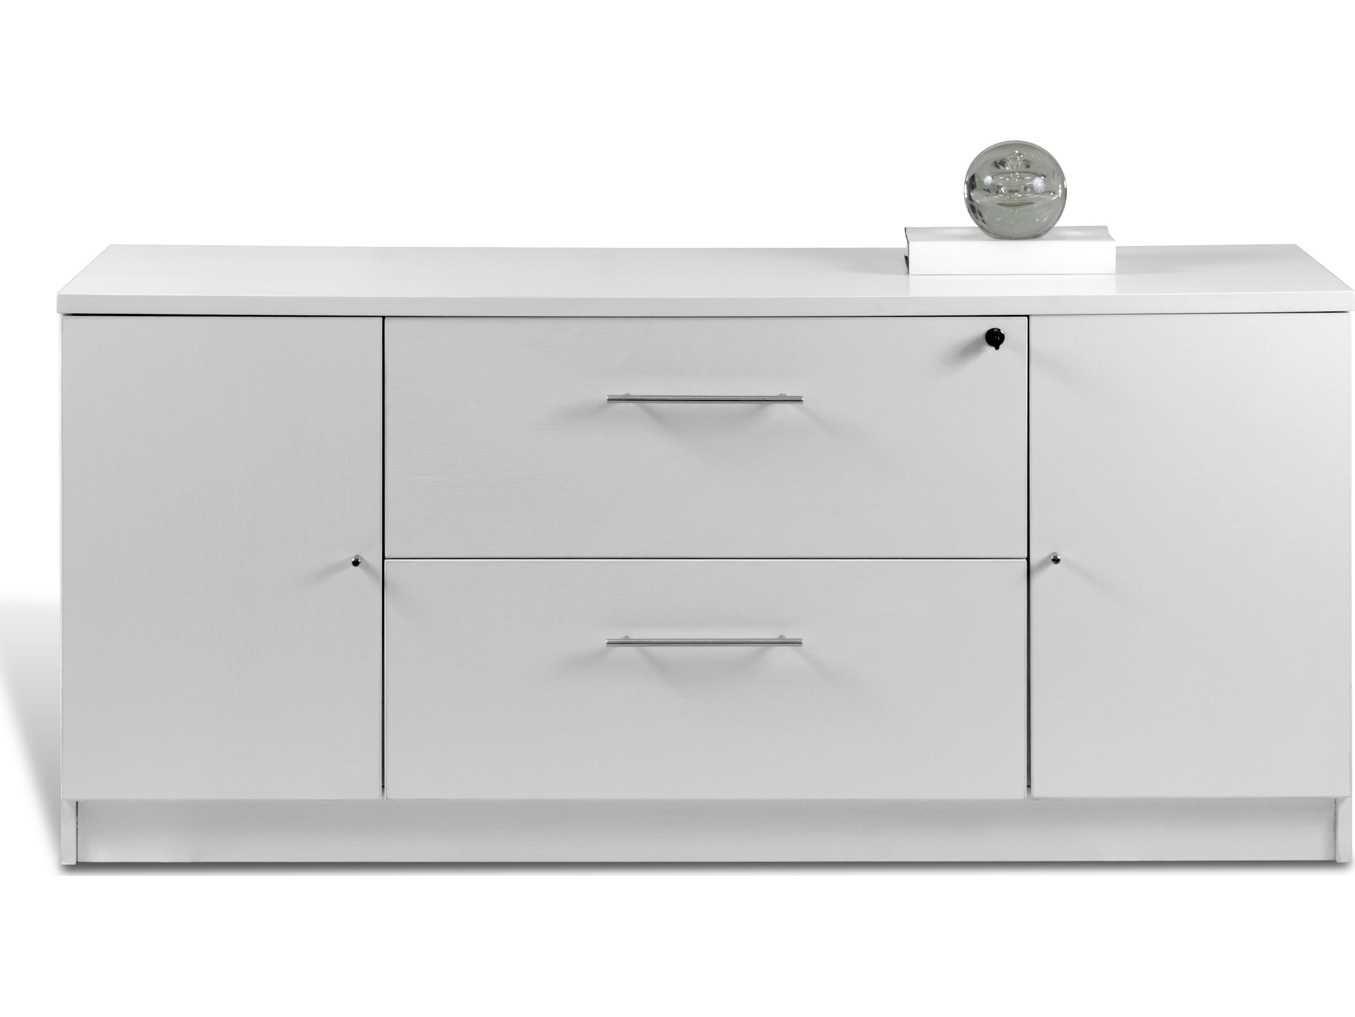 Credenza Per Hume : Unique furniture 100 series white 63 x 20 storage credenza